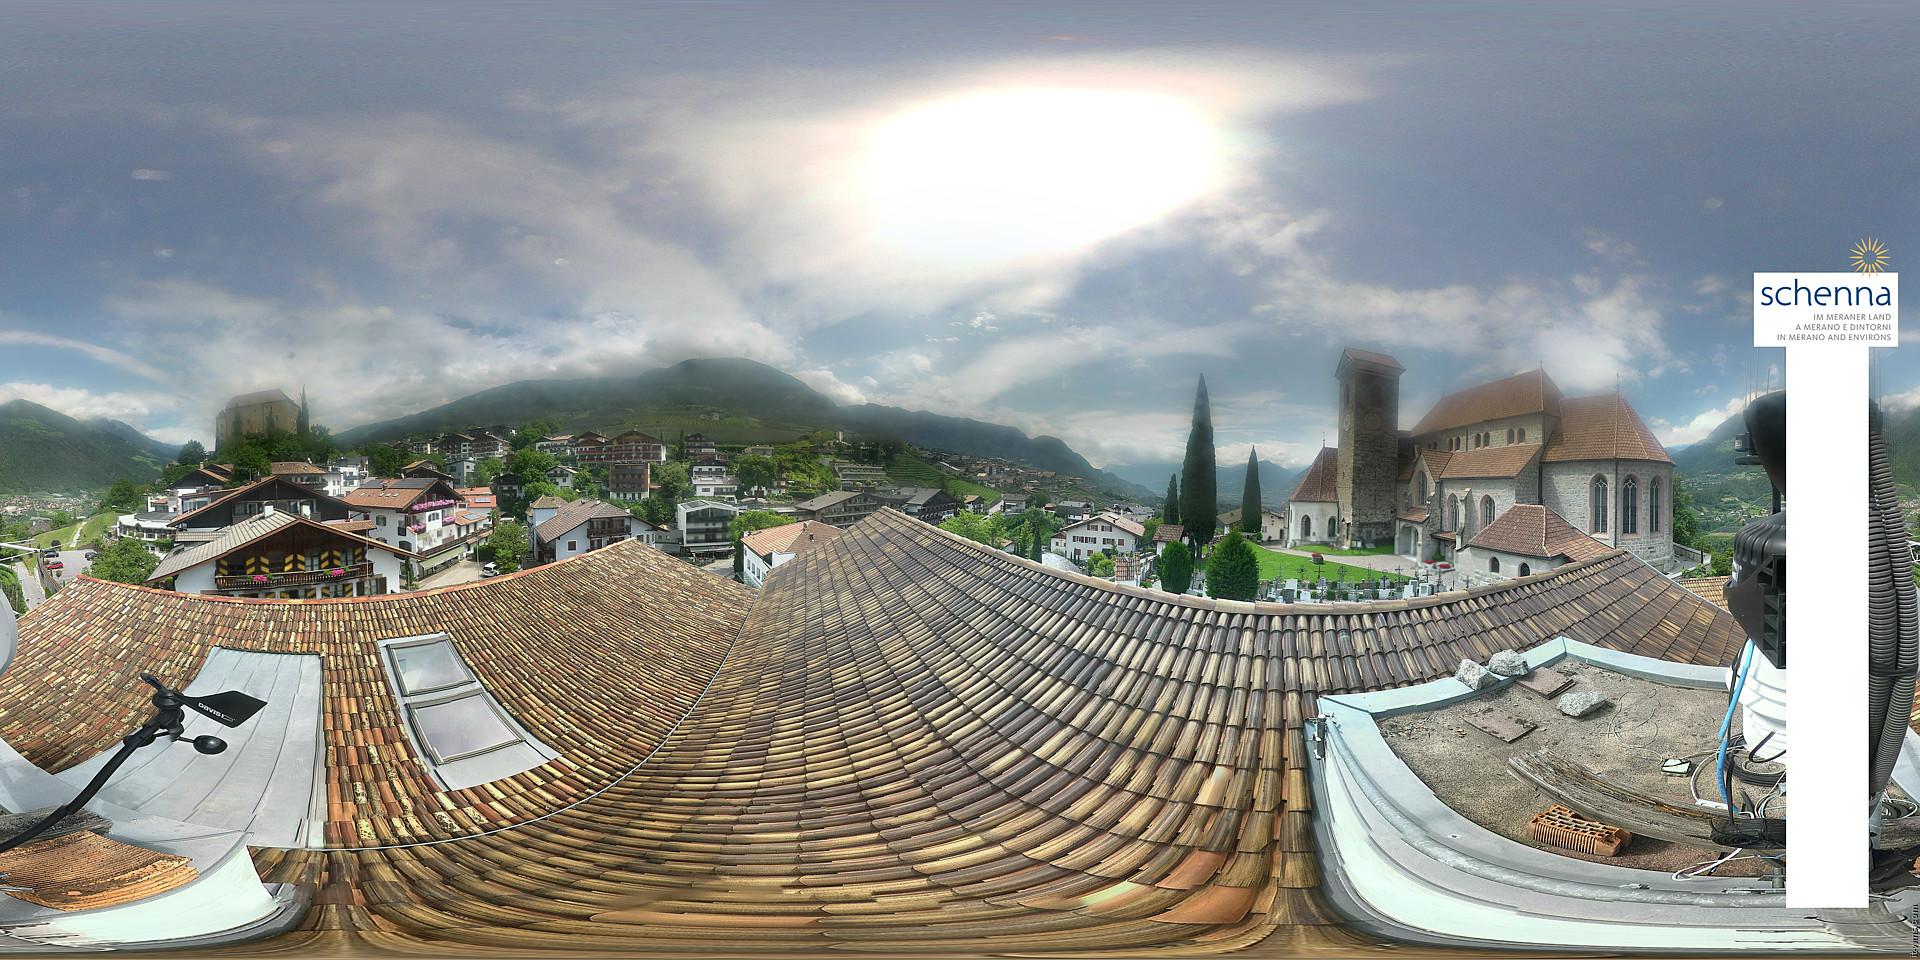 Schenna Webcam